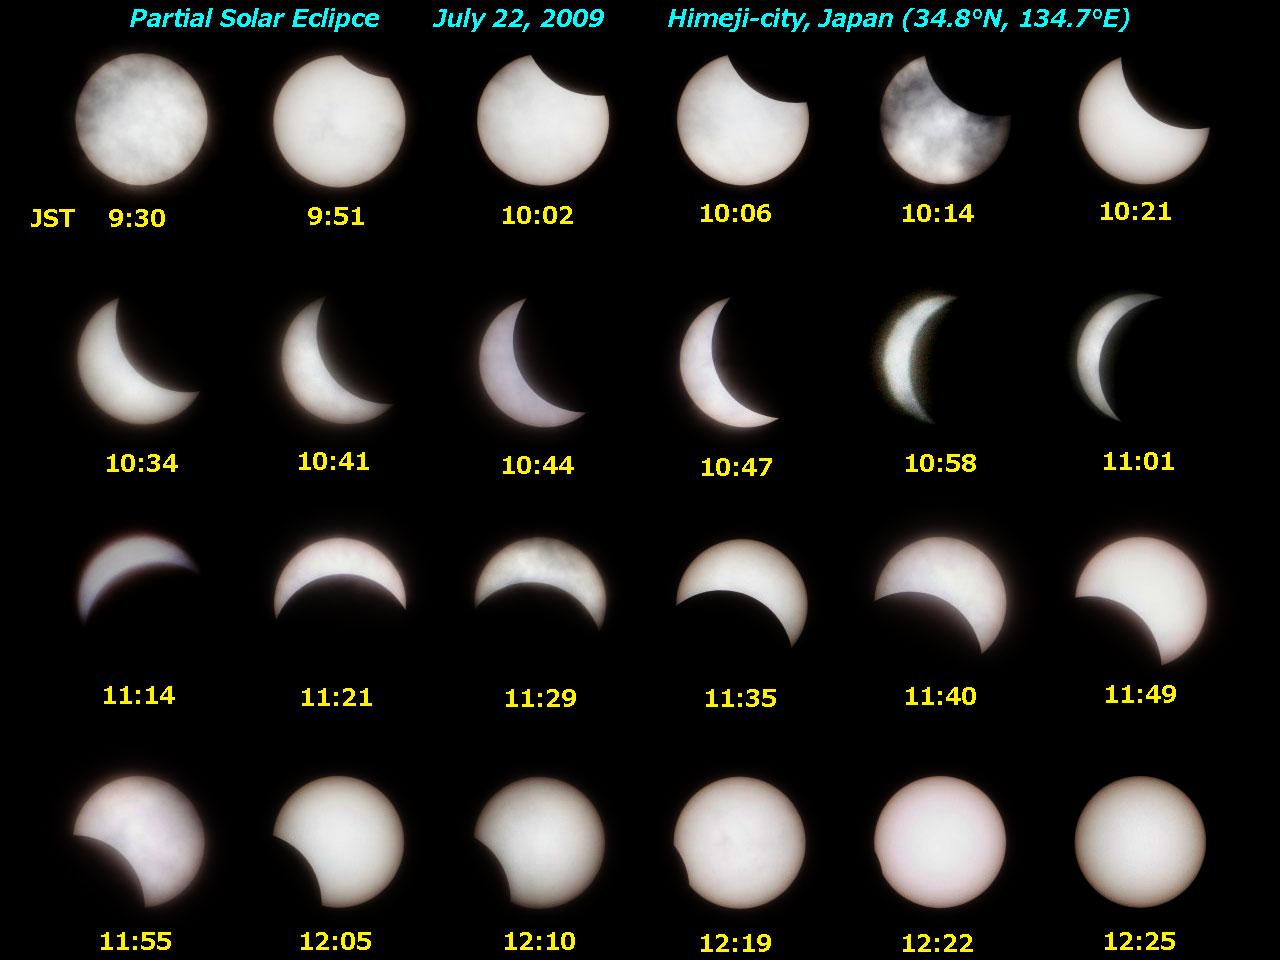 2009年7月22日の部分日食まとめ